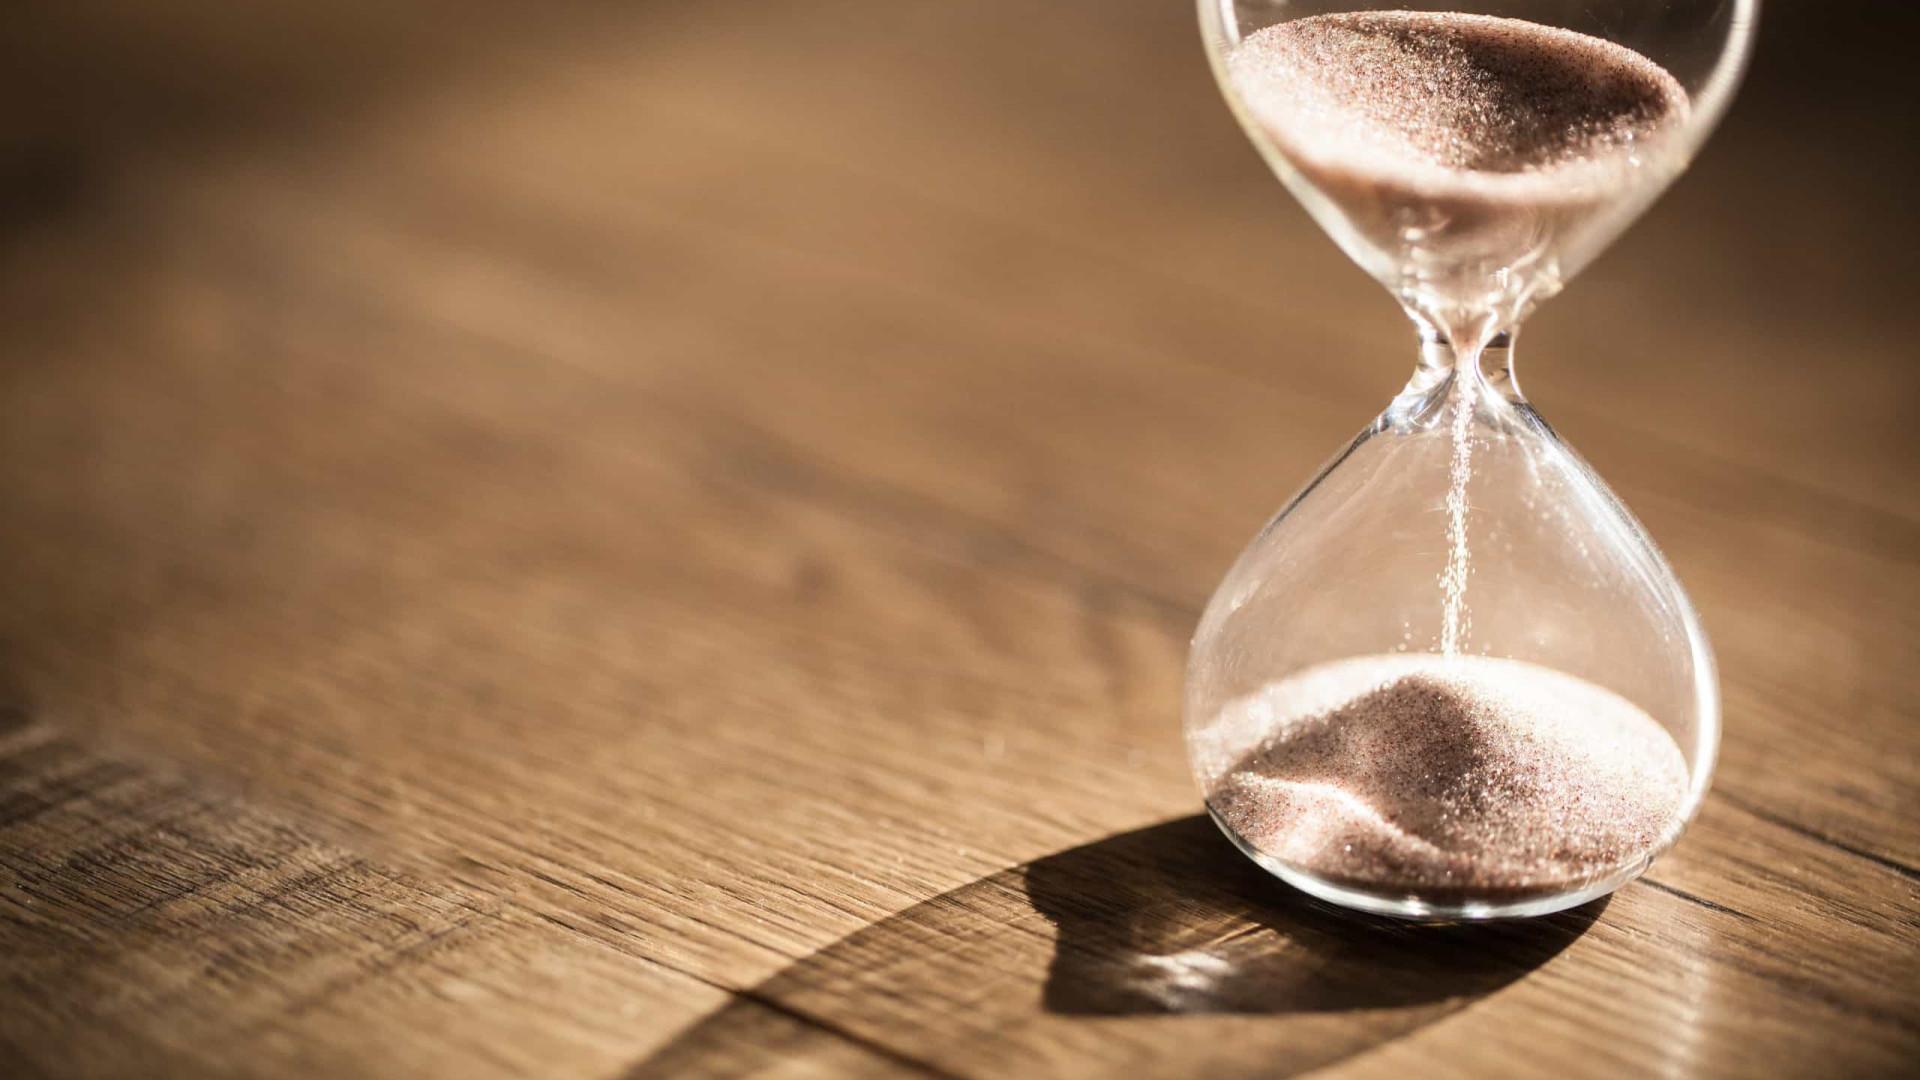 Saiba como a quarentena pode mudar percepção da passagem do tempo